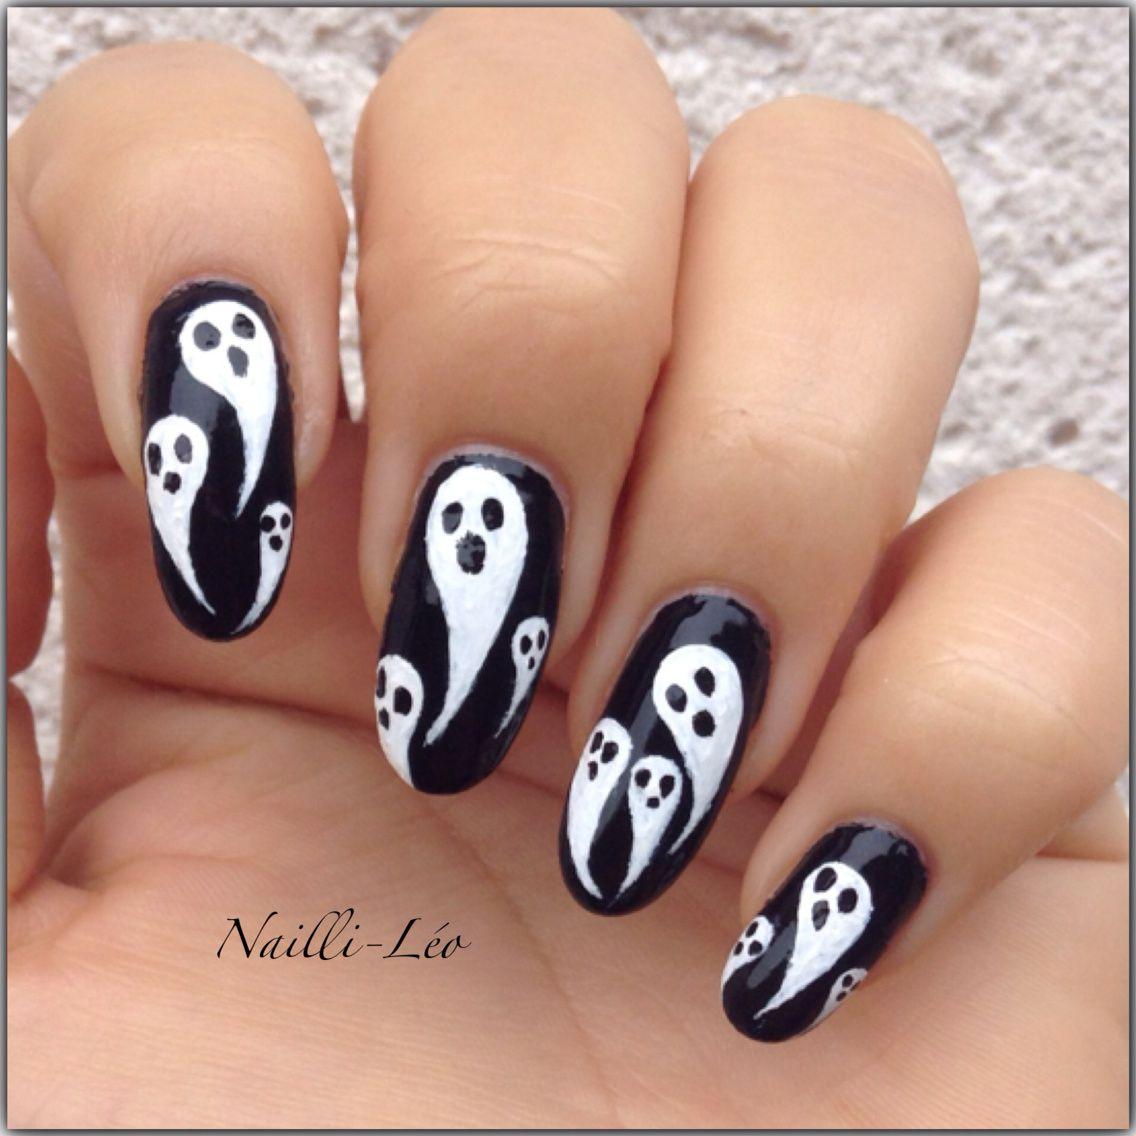 Nail Art Halloween - Casper